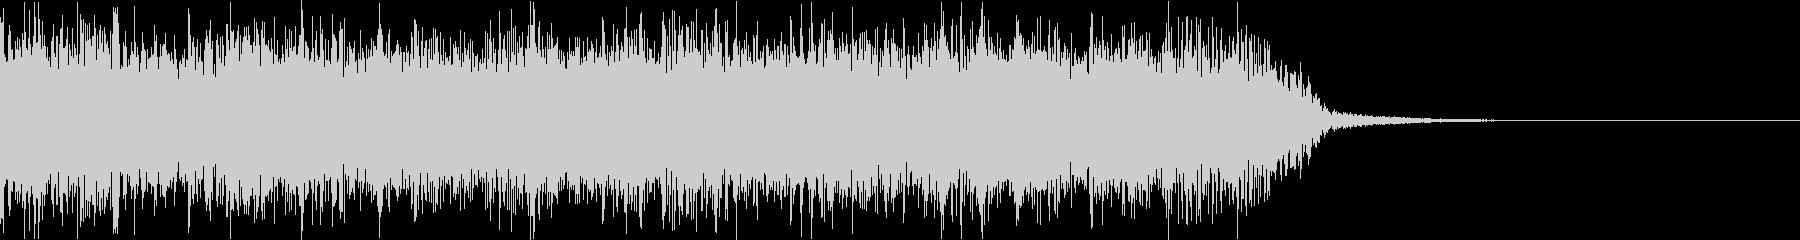 エネルギッシュ・ロックなサウンドロゴ03の未再生の波形